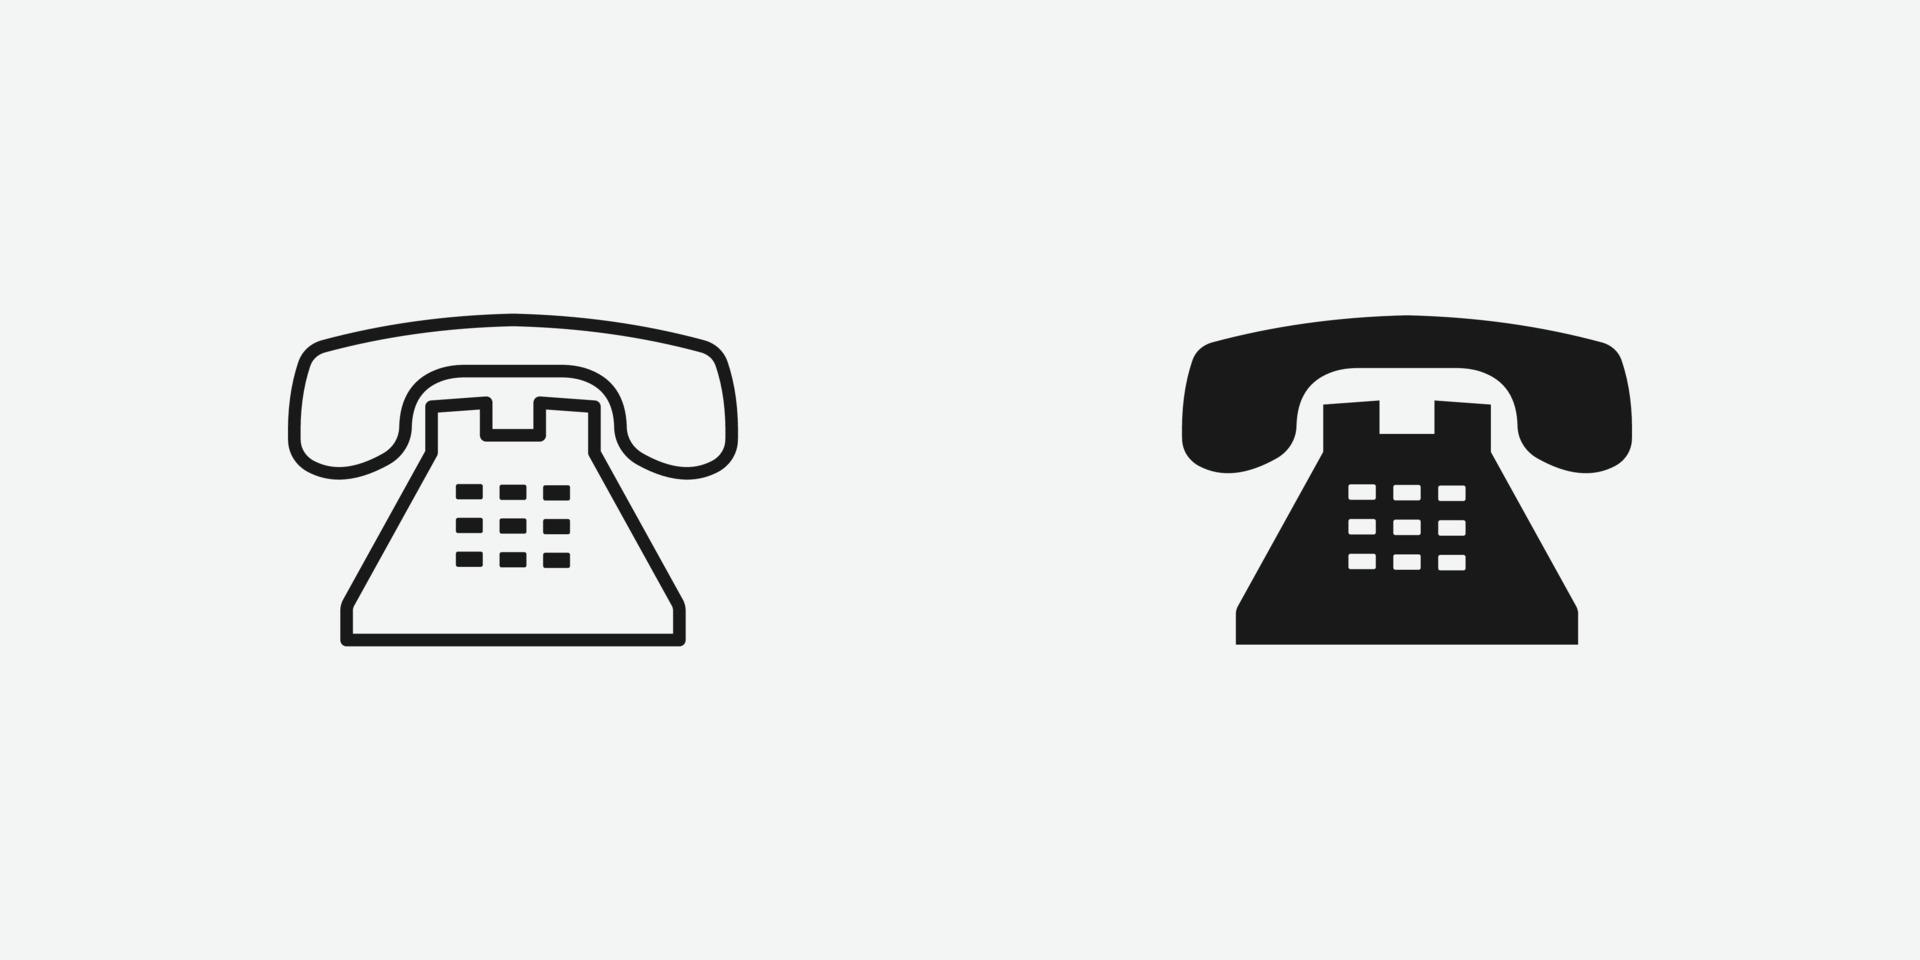 icona di vettore del telefono ufficio. affari, telefono, comunicazione, simbolo di chiamata isolato.